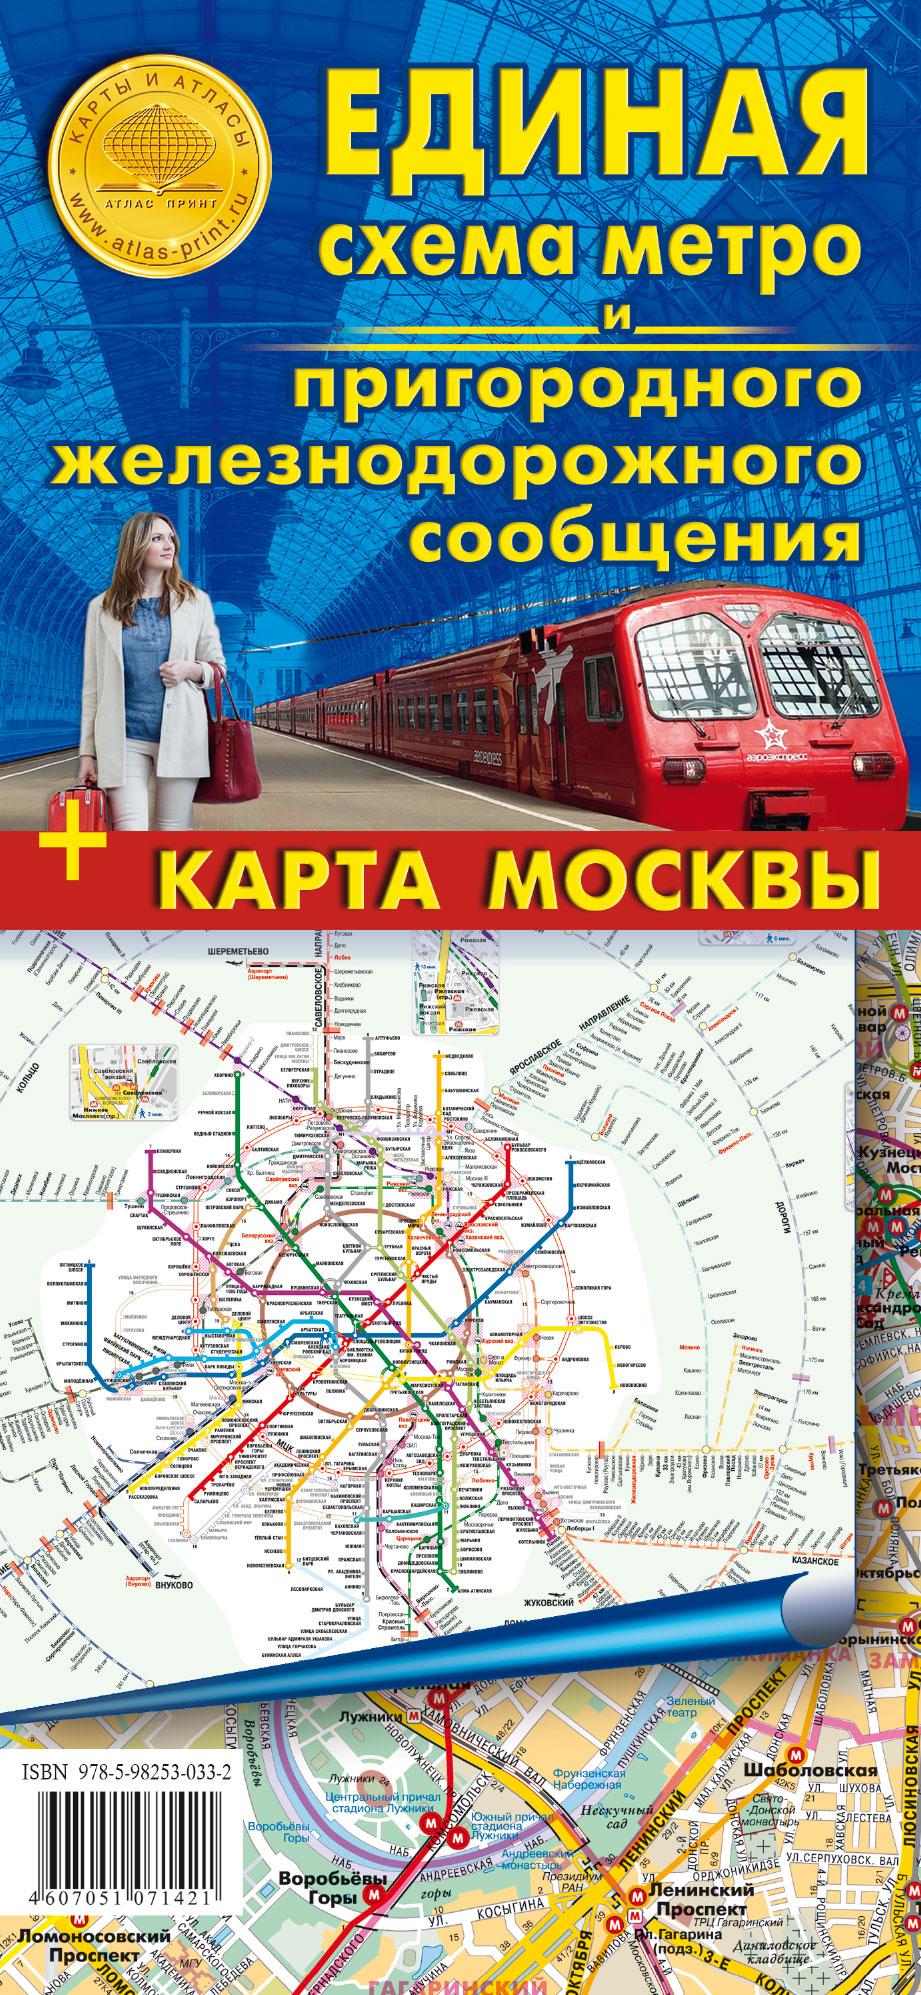 Единая схема метро и пригородного ж/д сообщения